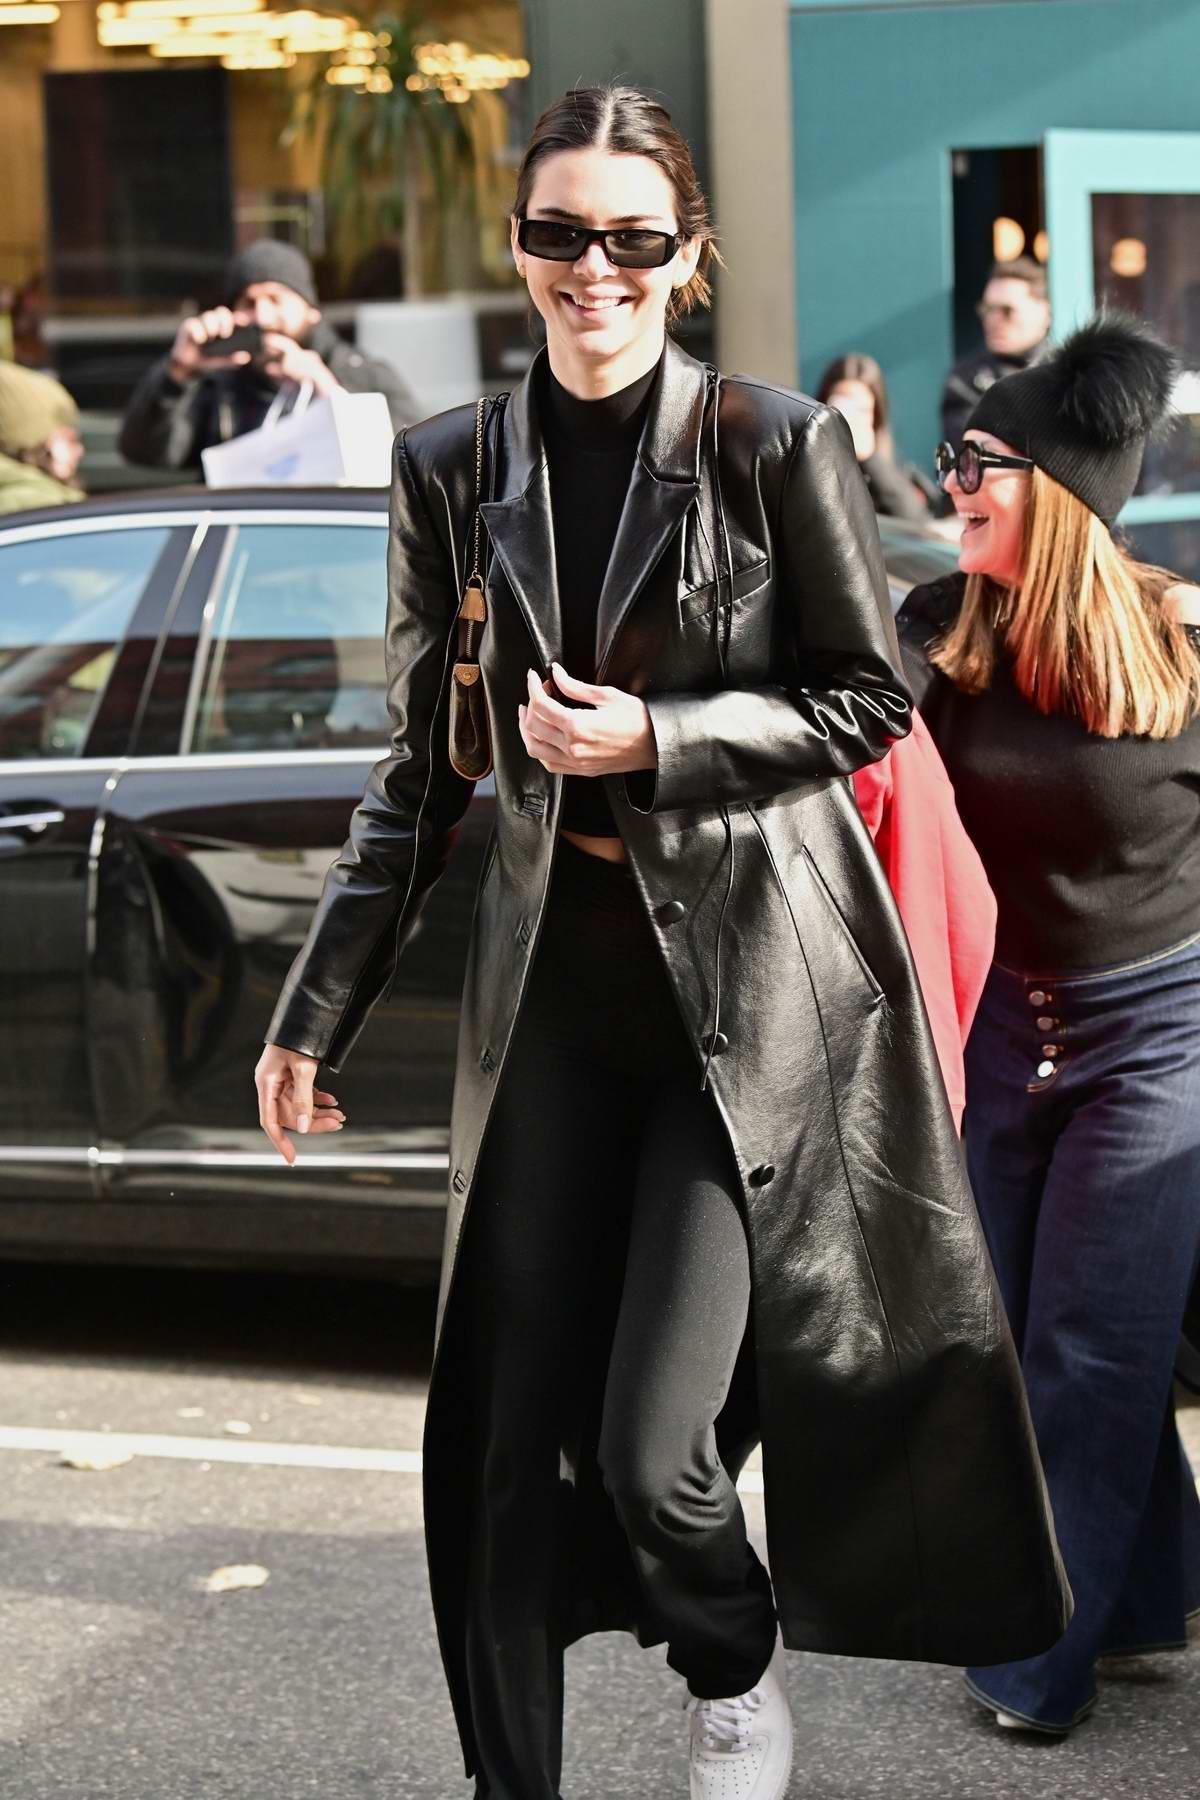 Kendall Jenner is all smiles as she leaves Sadelle's restaurant in SoHo, New York City